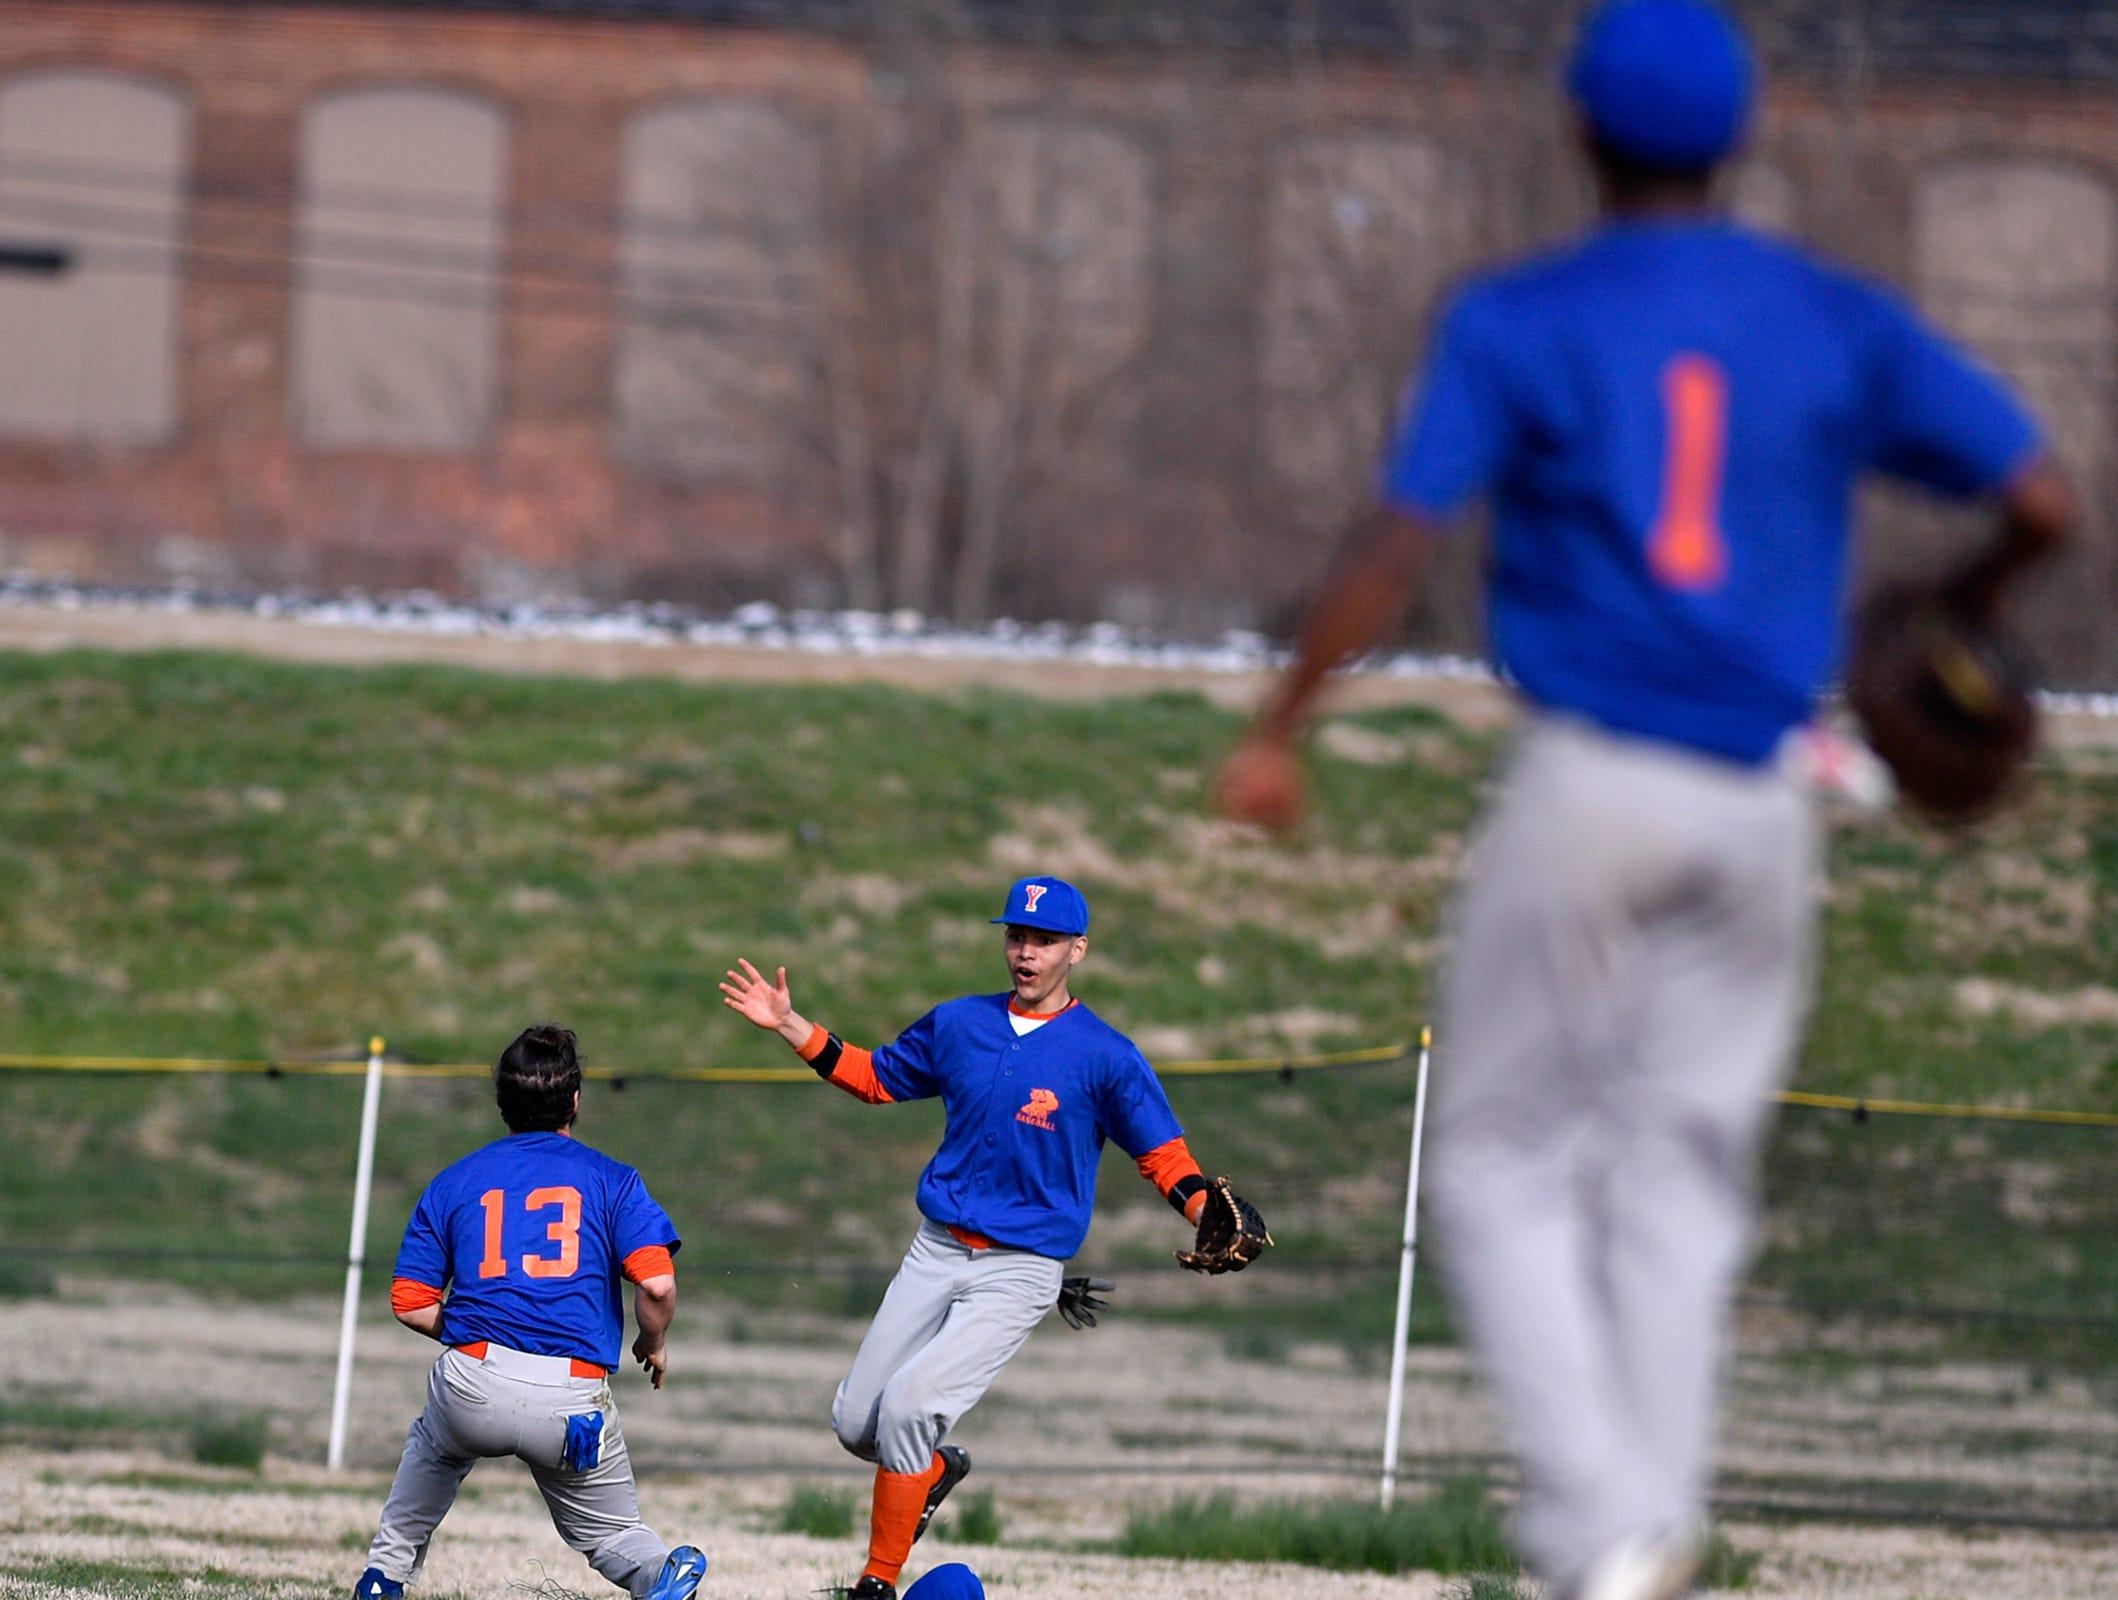 Hanover faces York High in baseball, Thursday, April 4, 2019. John A. Pavoncello photo